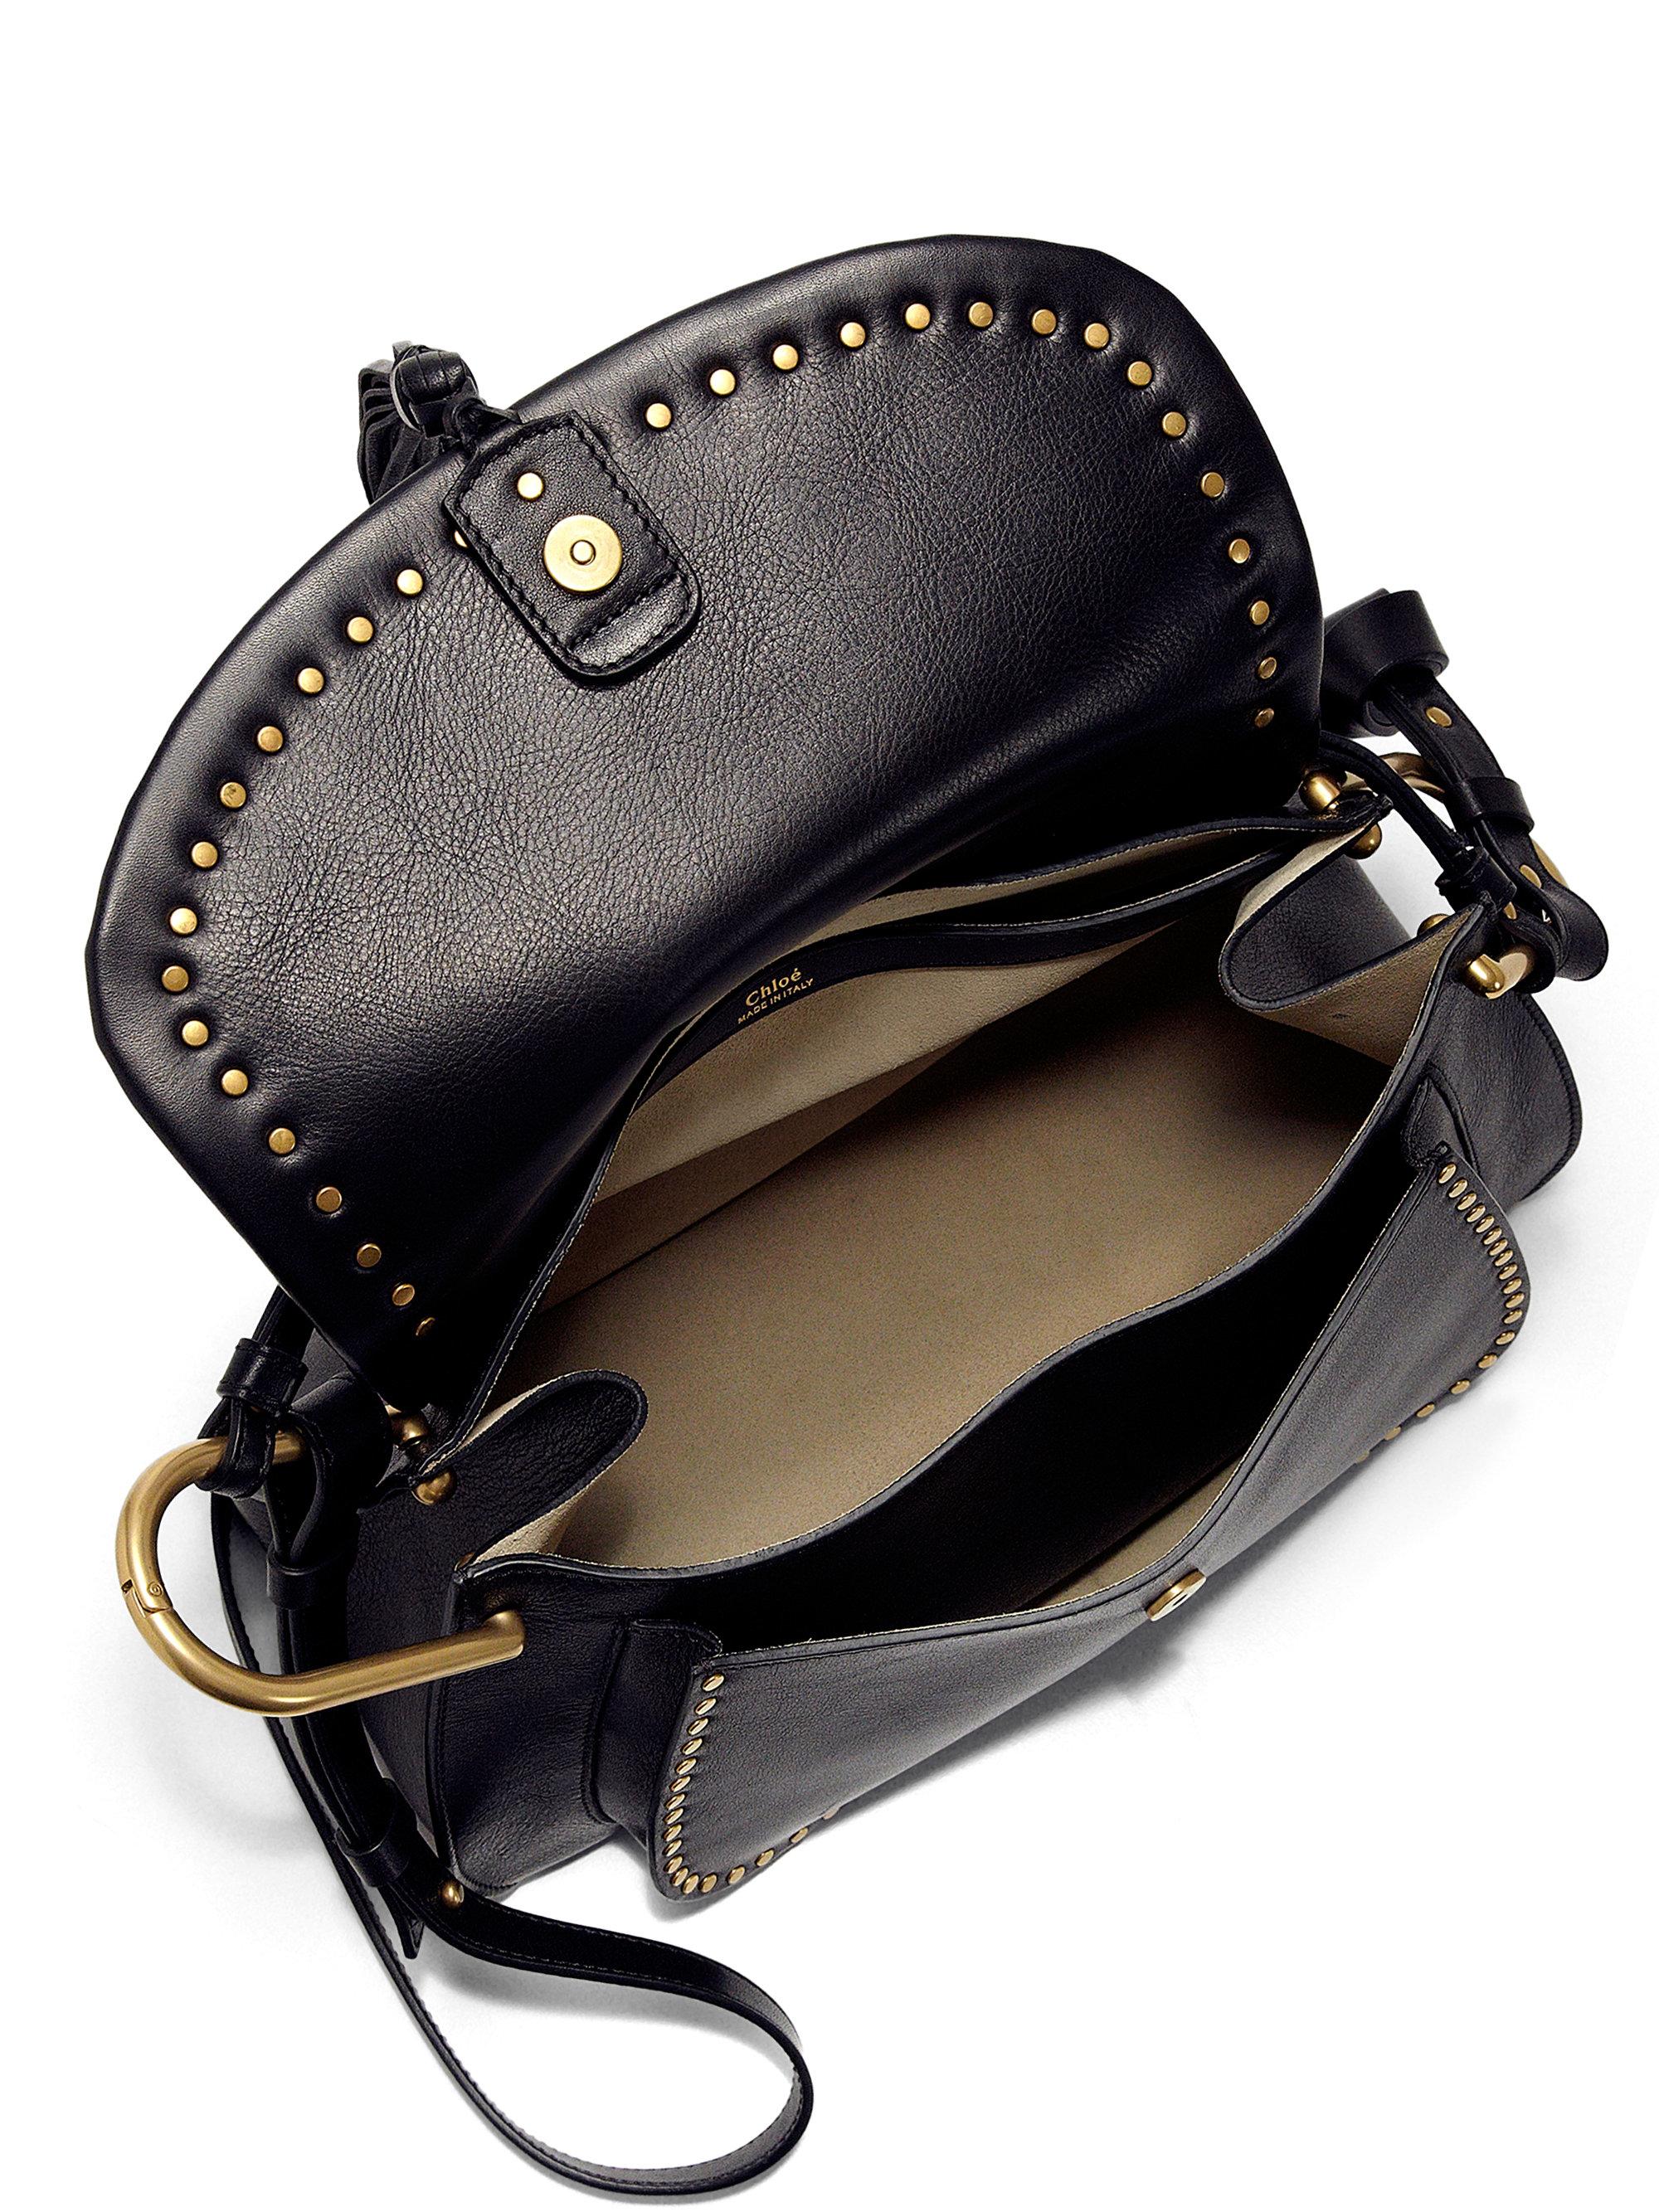 chloe messenger bag marcie - chloe hudson small studded circle leather shoulder bag, knockoff ...